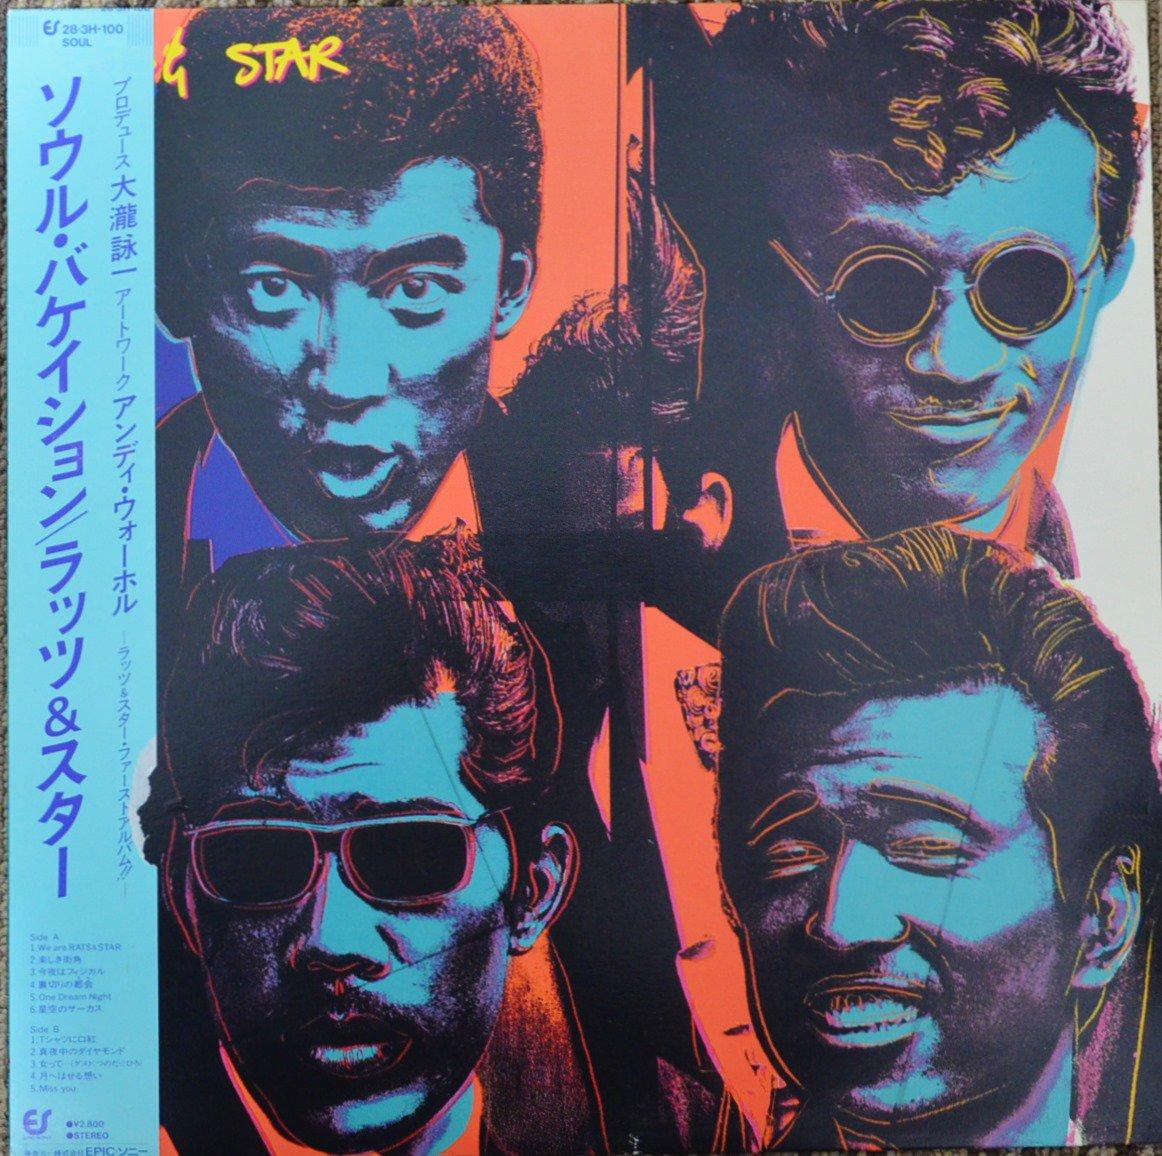 ラッツ & スター RATS & STAR / ソウル・バケイション SOUL VACATION (LP)